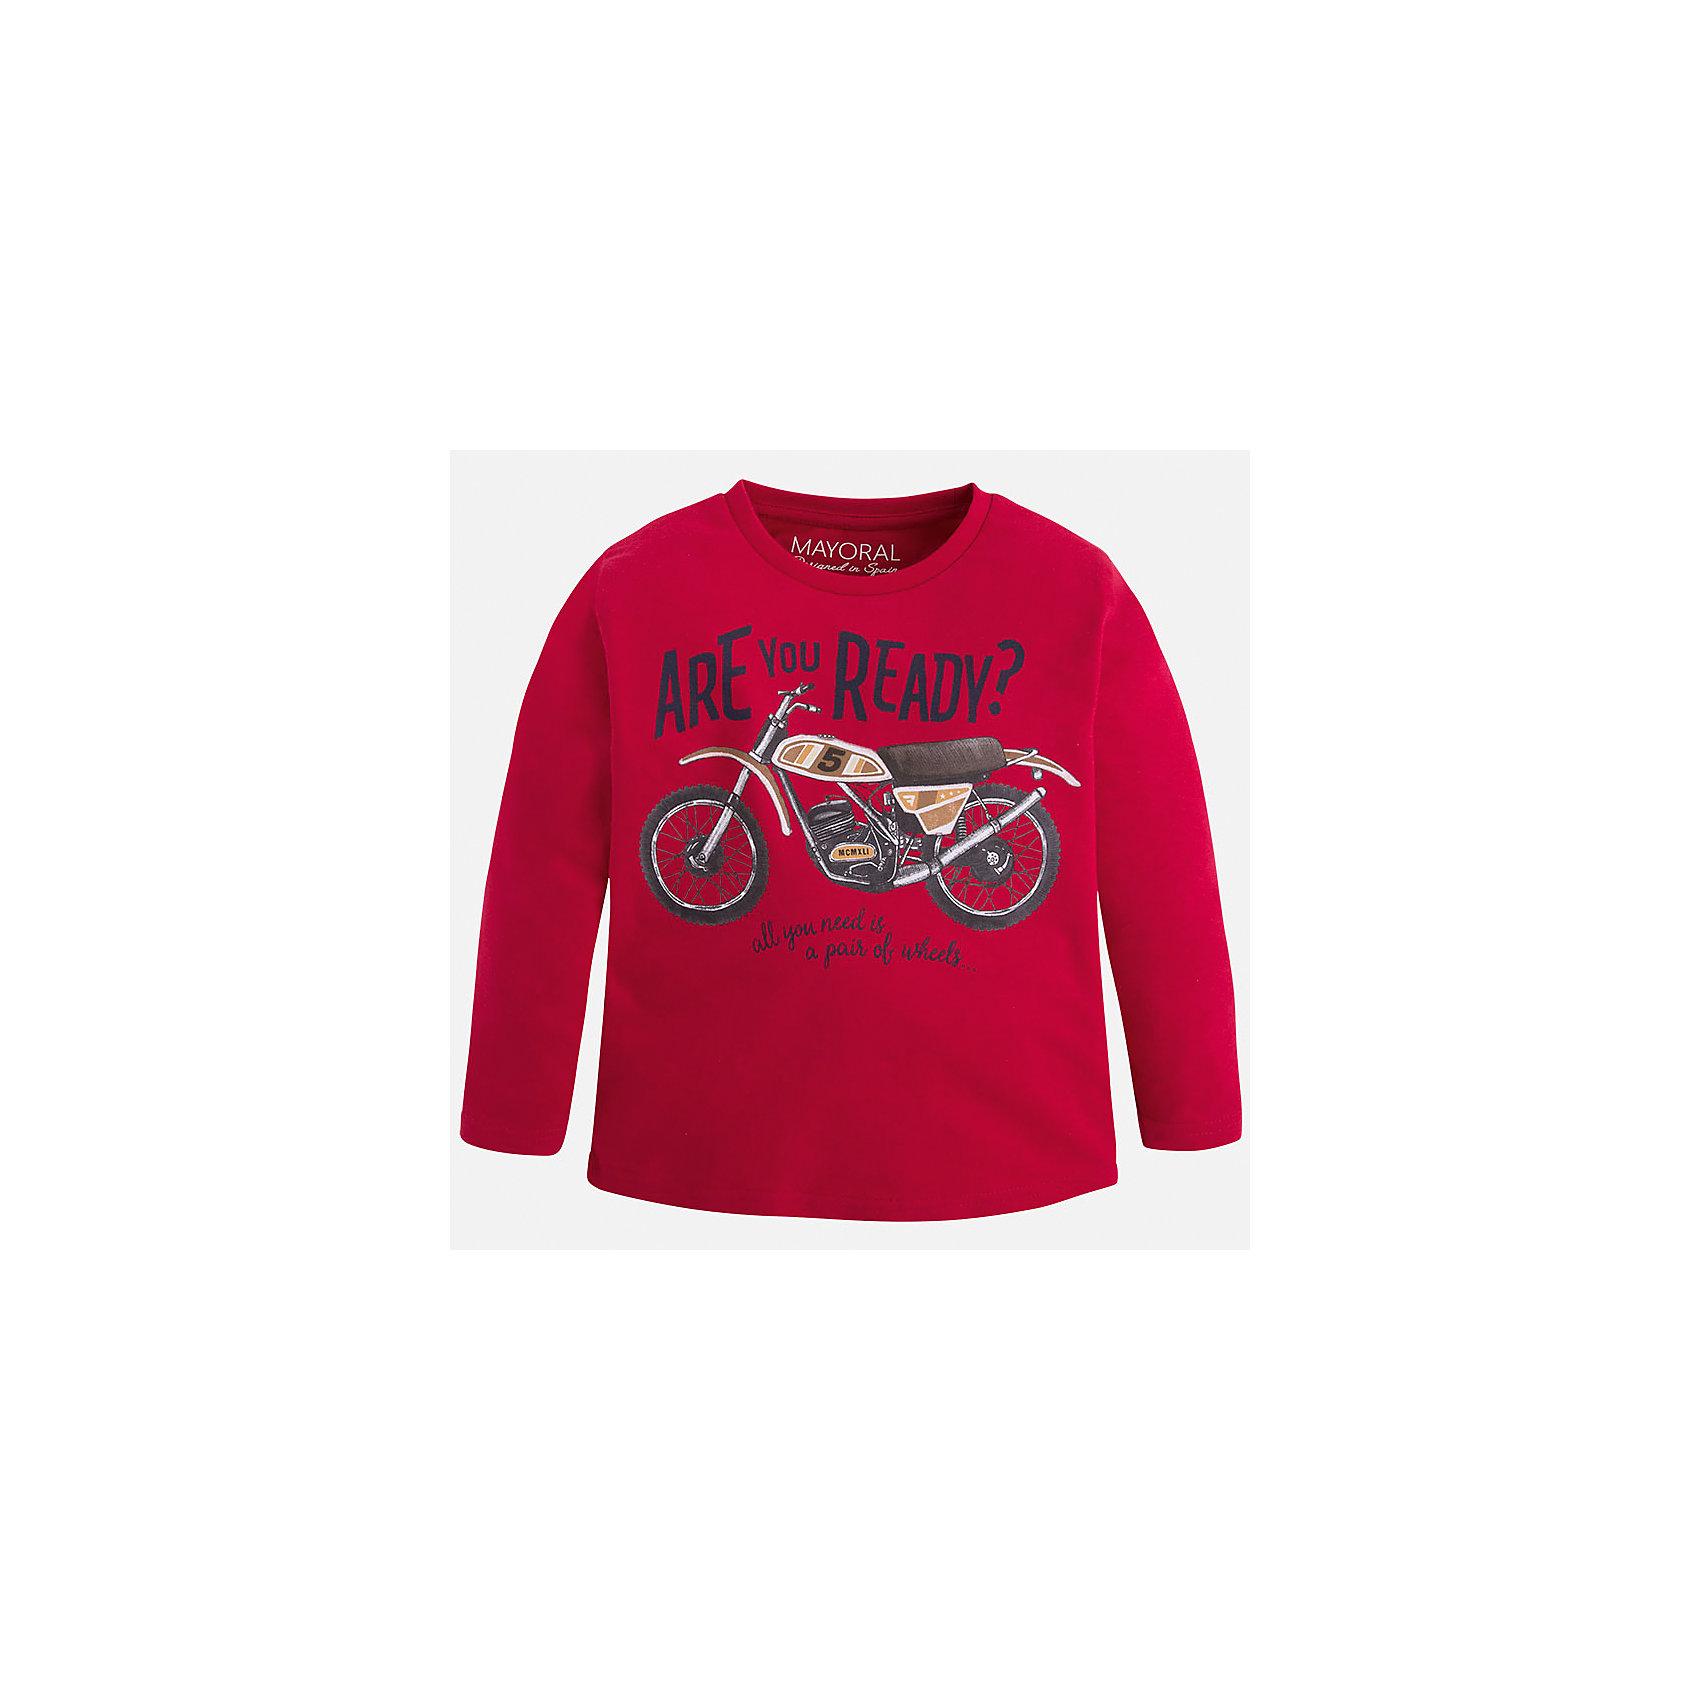 Футболка с длинным рукавом для мальчика MayoralХлопковая футболка с длинными рукавами - это  базовая вещь в любом гардеробе. Благодаря длинным рукавам и легкому составу, ее можно носить в любое время года, а яркий орнамент, подчеркнет индивидуальный стиль Вашего ребенка!<br><br>Дополнительная информация:<br><br>- Крой: прямой крой.<br>- Страна бренда: Испания.<br>- Состав: хлопок 90%, вискоза 10%.<br>- Цвет: красный.<br>- Уход: бережная стирка при 30 градусах.<br><br>Купить футболку с длинным рукавом для мальчика, от  Mayoral, можно в нашем магазине.<br><br>Ширина мм: 230<br>Глубина мм: 40<br>Высота мм: 220<br>Вес г: 250<br>Цвет: бордовый<br>Возраст от месяцев: 24<br>Возраст до месяцев: 36<br>Пол: Мужской<br>Возраст: Детский<br>Размер: 98,122,128,134,92,104,110,116<br>SKU: 4821863